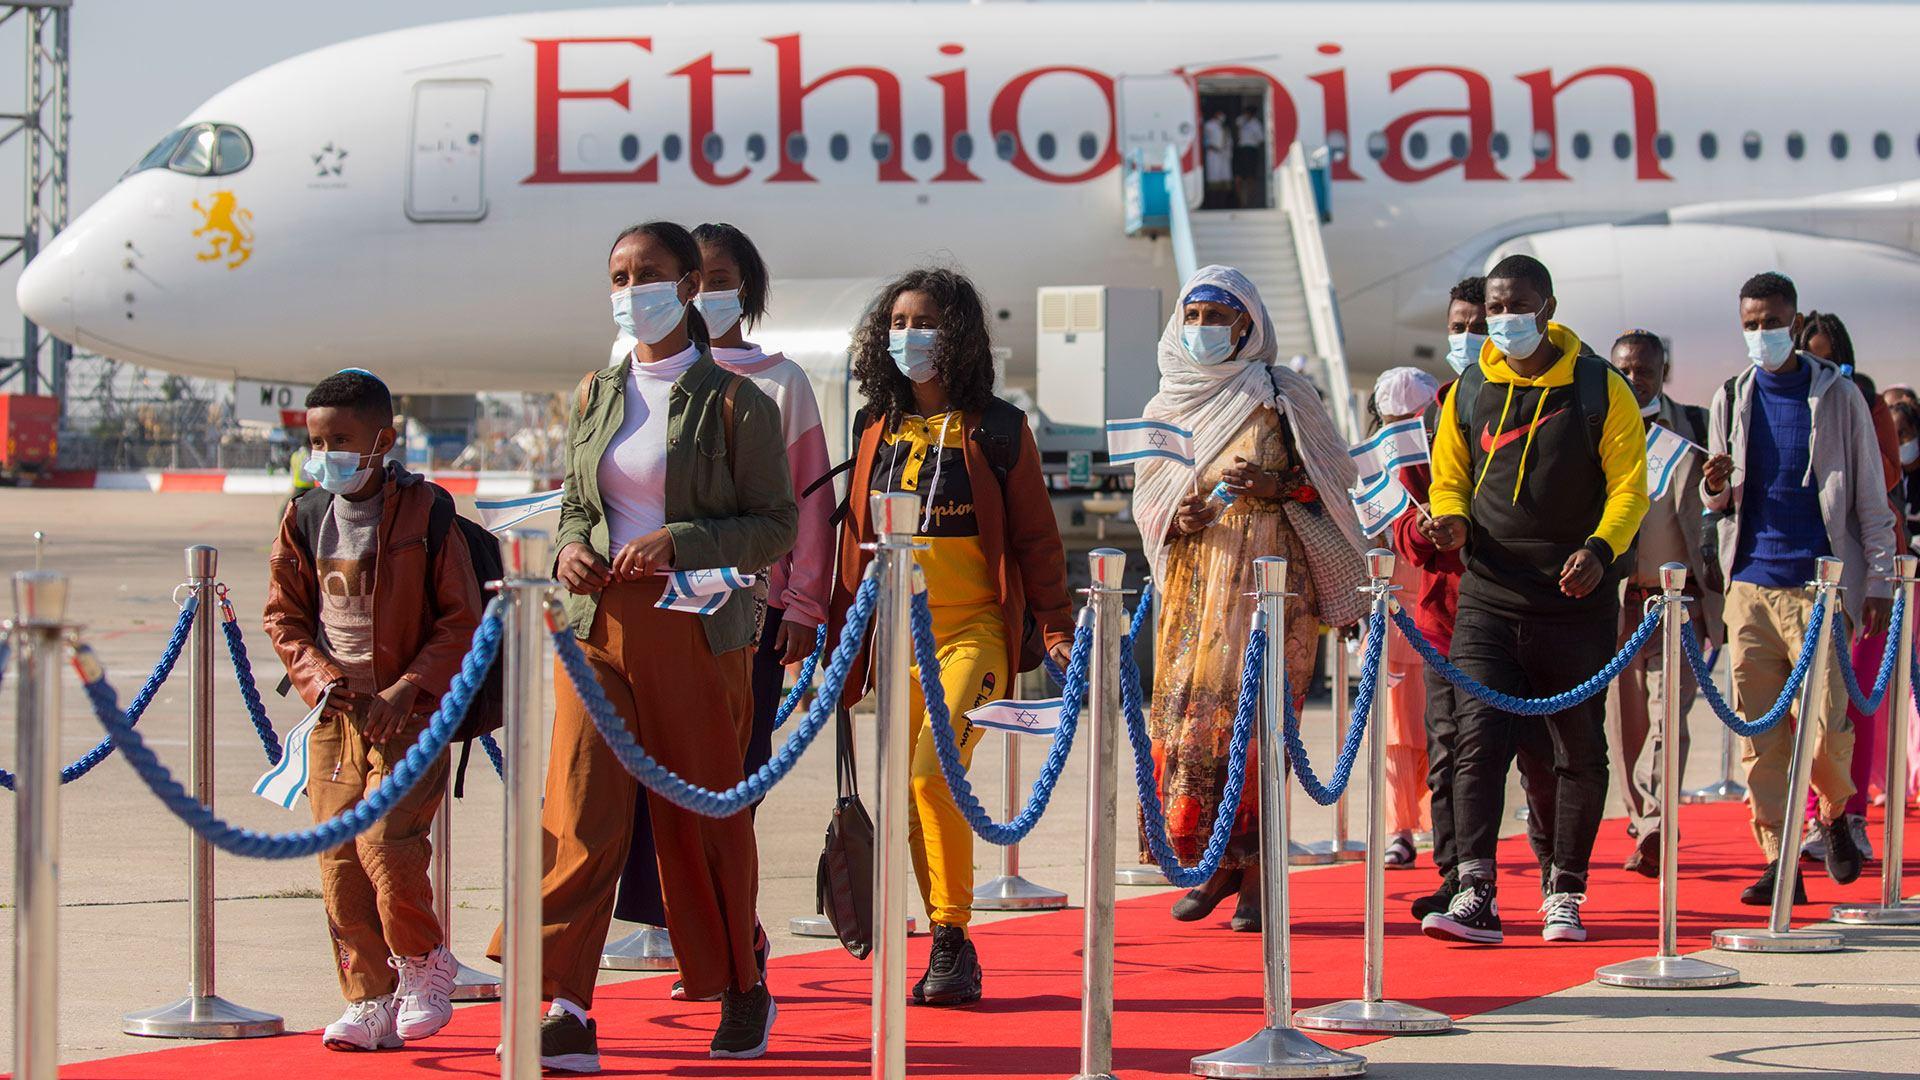 עולים נרגשים מאתיופיה במבצע צור ישראל